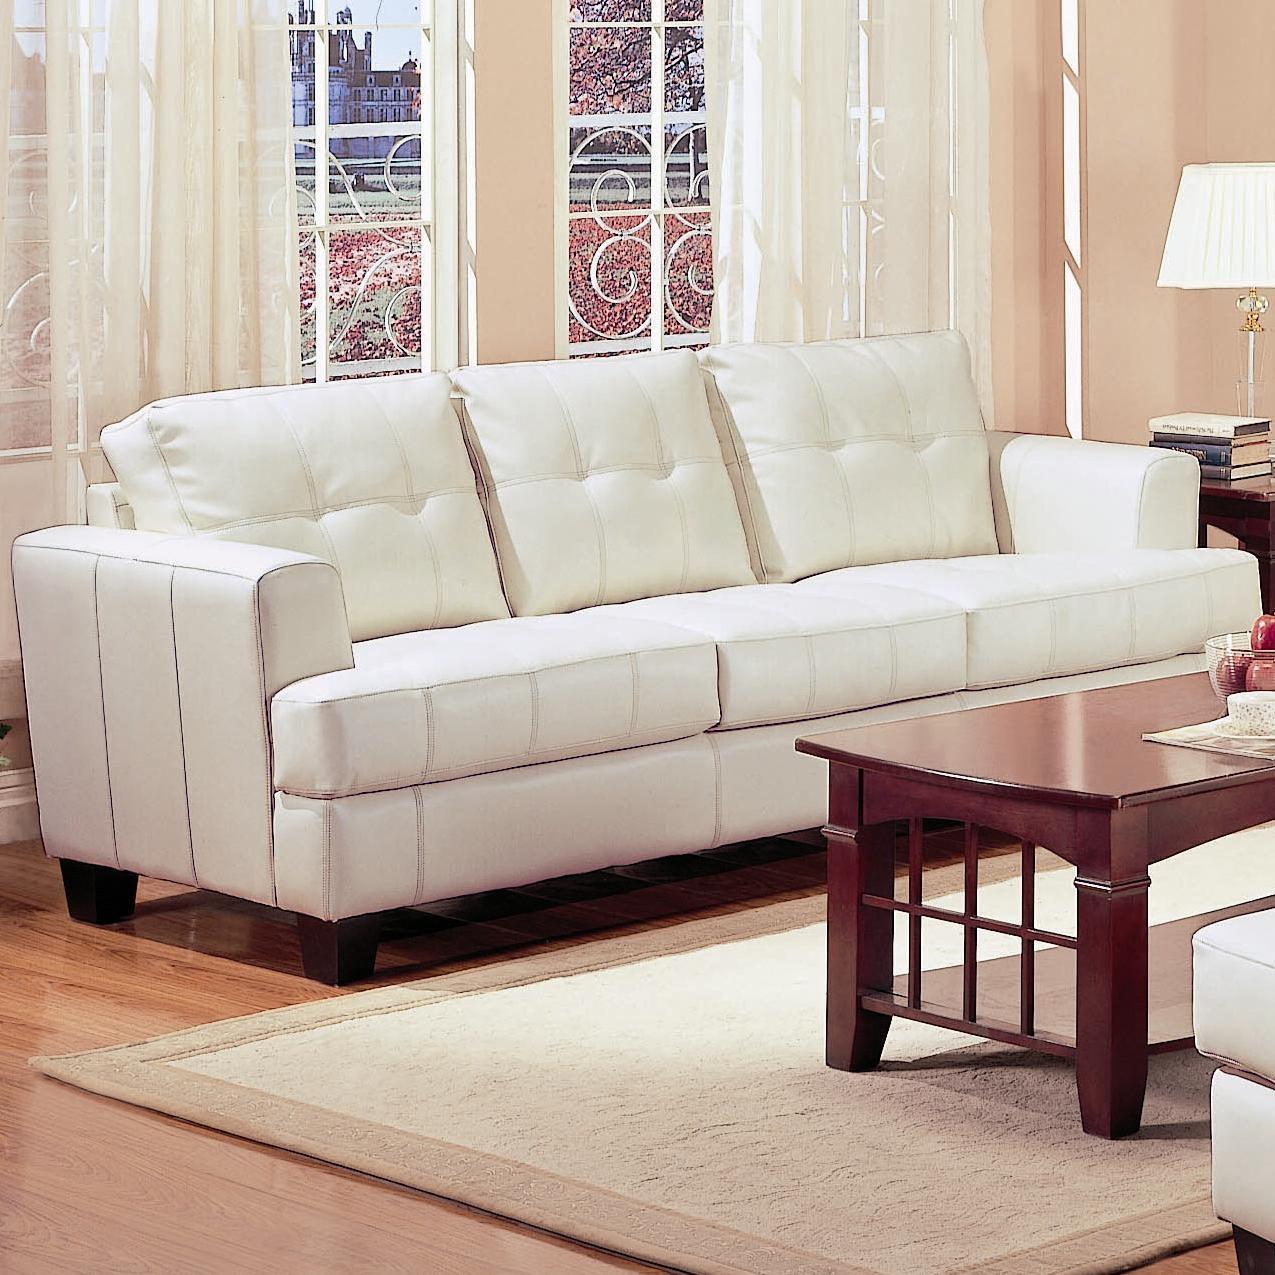 Sofas | Austin's Furniture Depot Pertaining To Austin Sleeper Sofas (View 20 of 20)